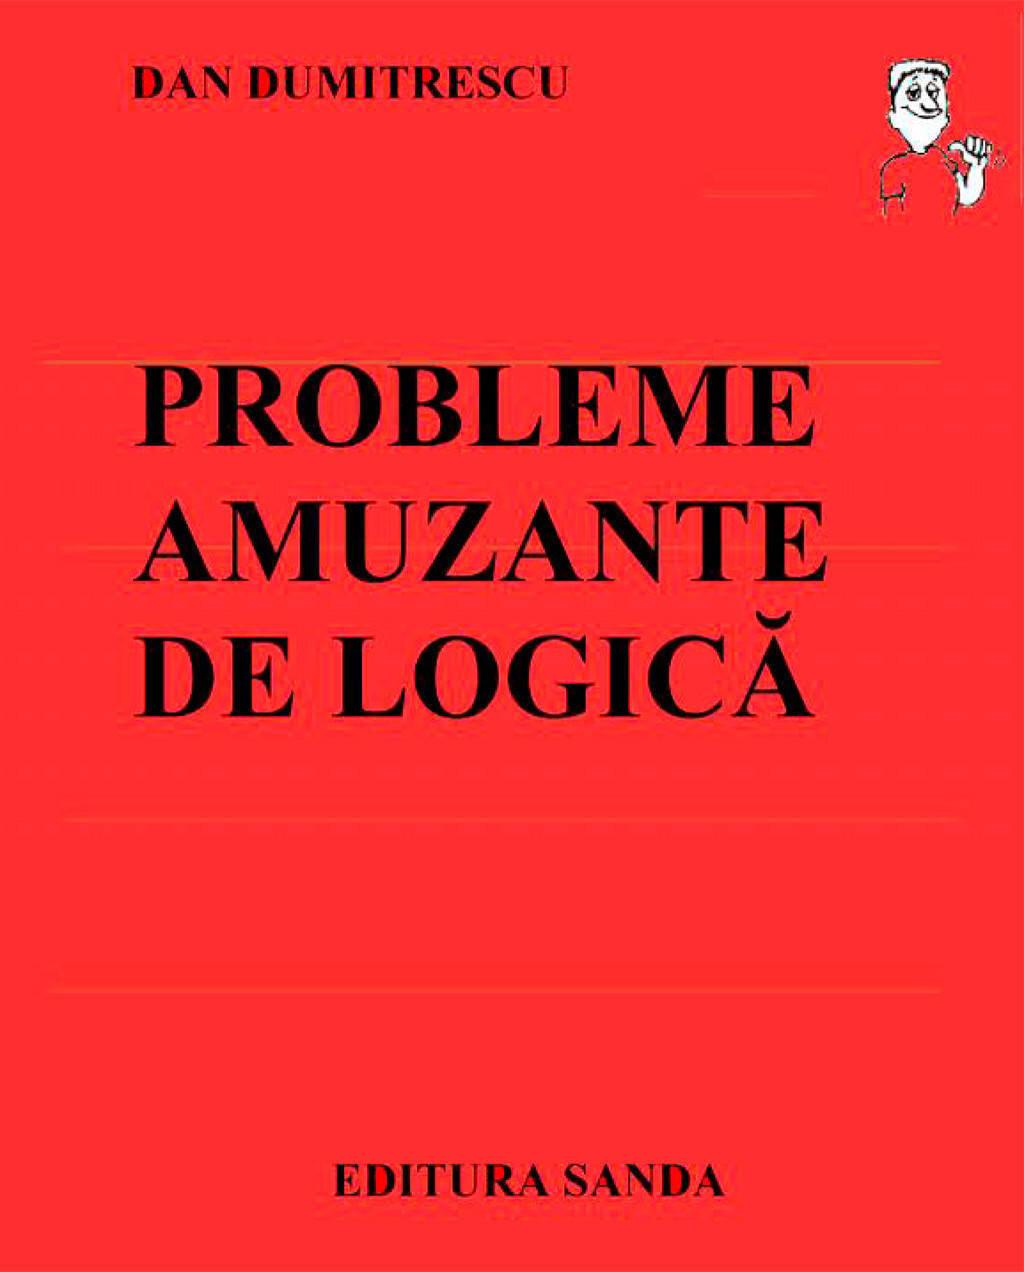 Probleme amuzante de logica (eBook)